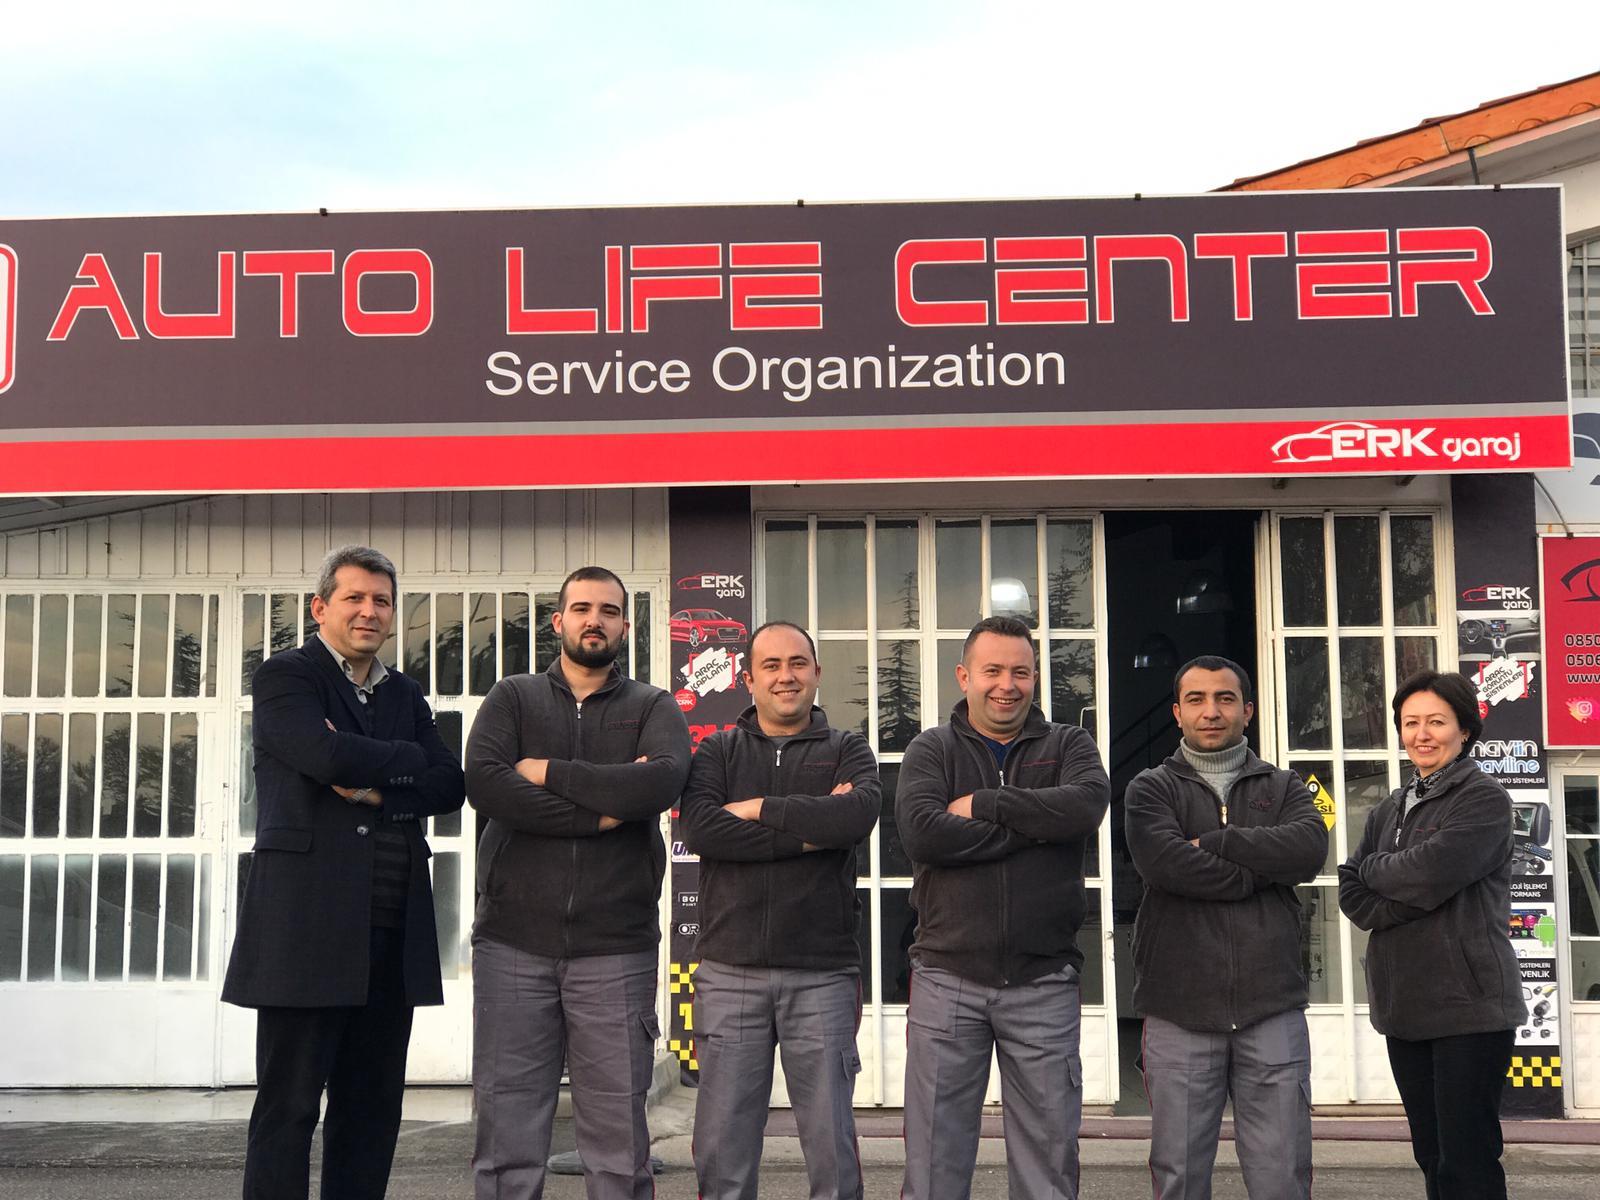 AUTO LIFE CENTER  - ALC  Çorum'da ERK GARAJ ile Hizmetinizde » Sungurlu Haber